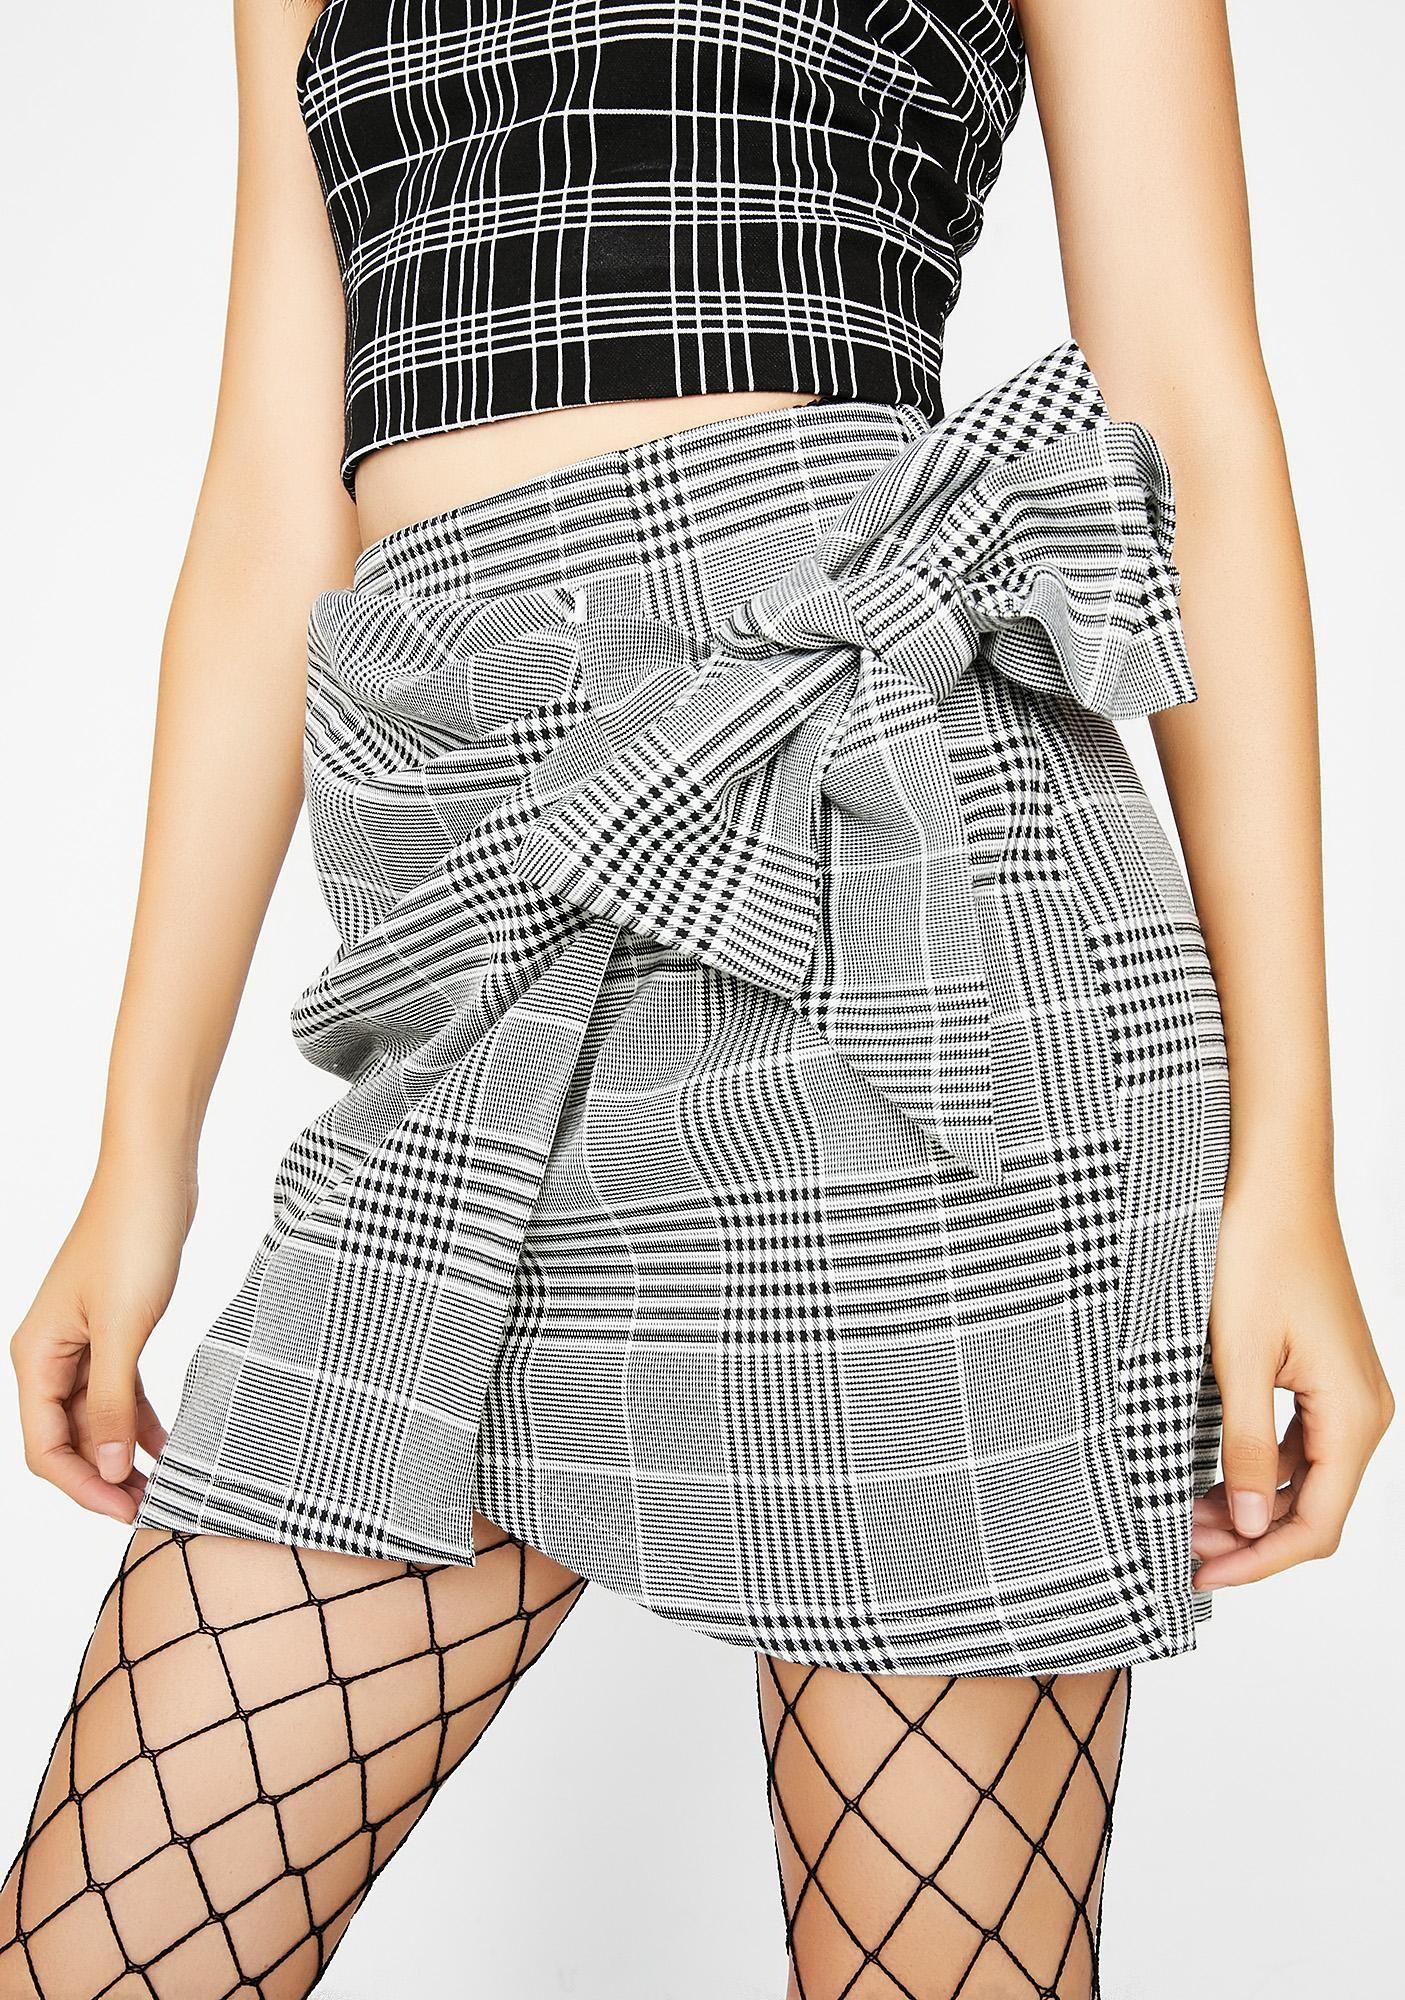 Cute babe in plaid skirt